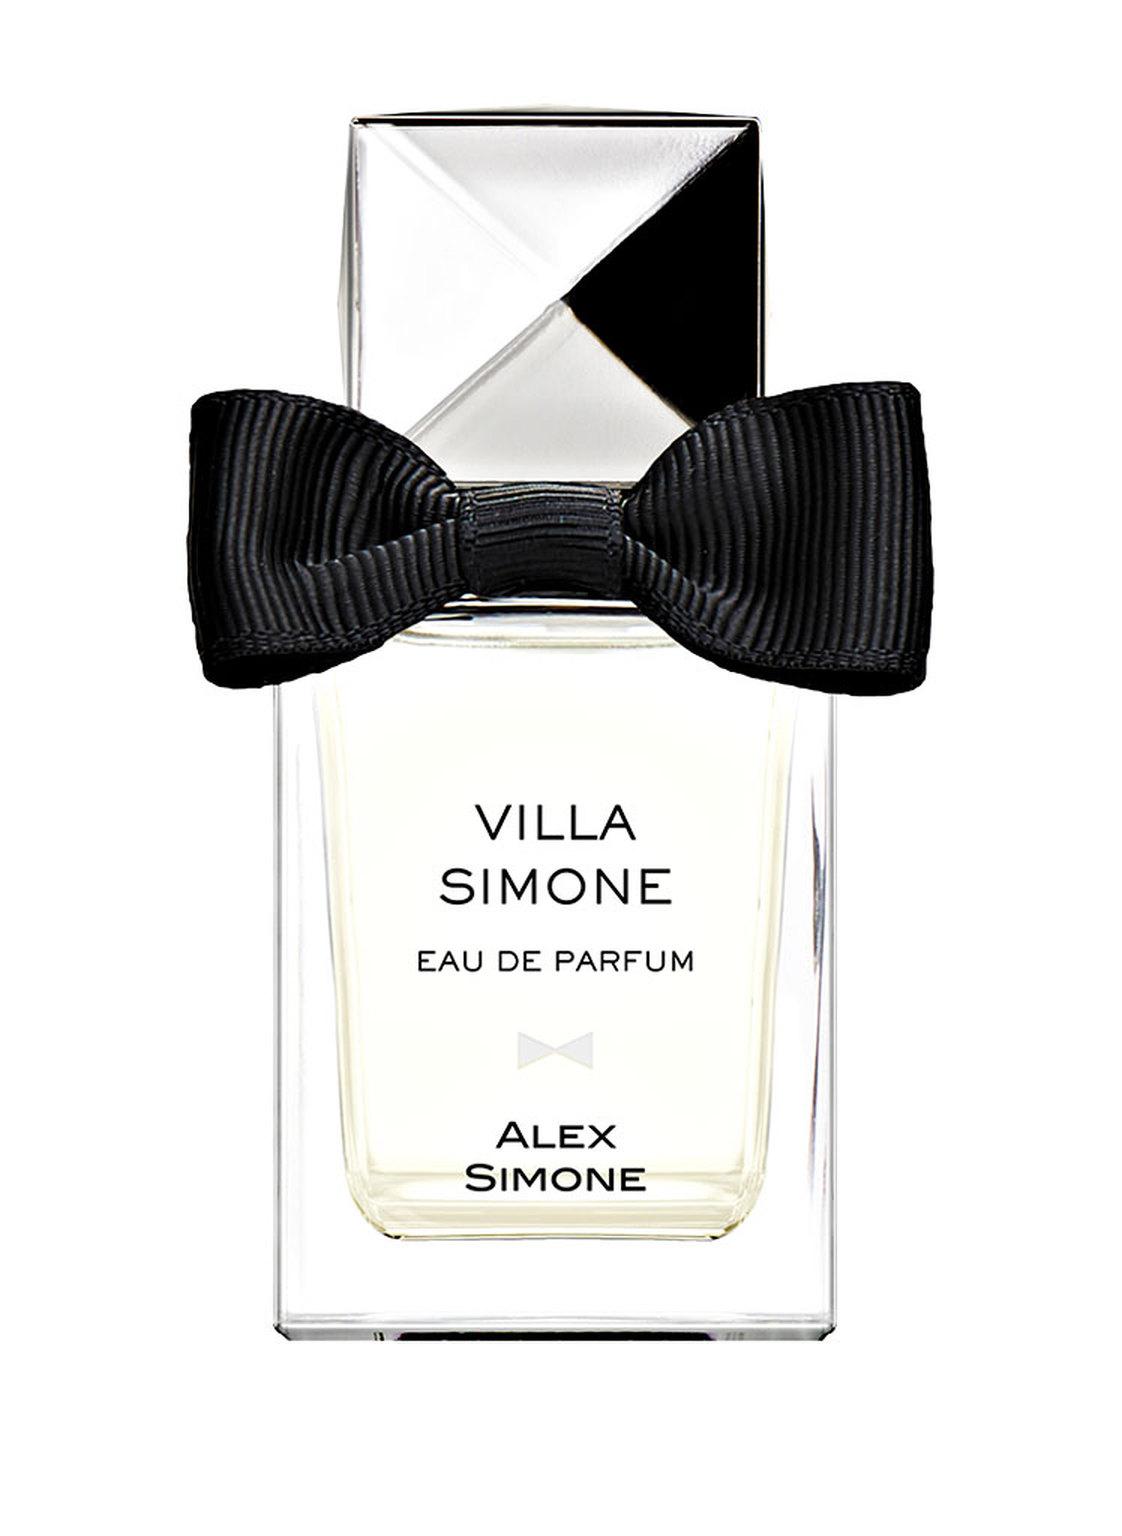 Image of Alex Simone Villa Simone Eau de Parfum 30 ml